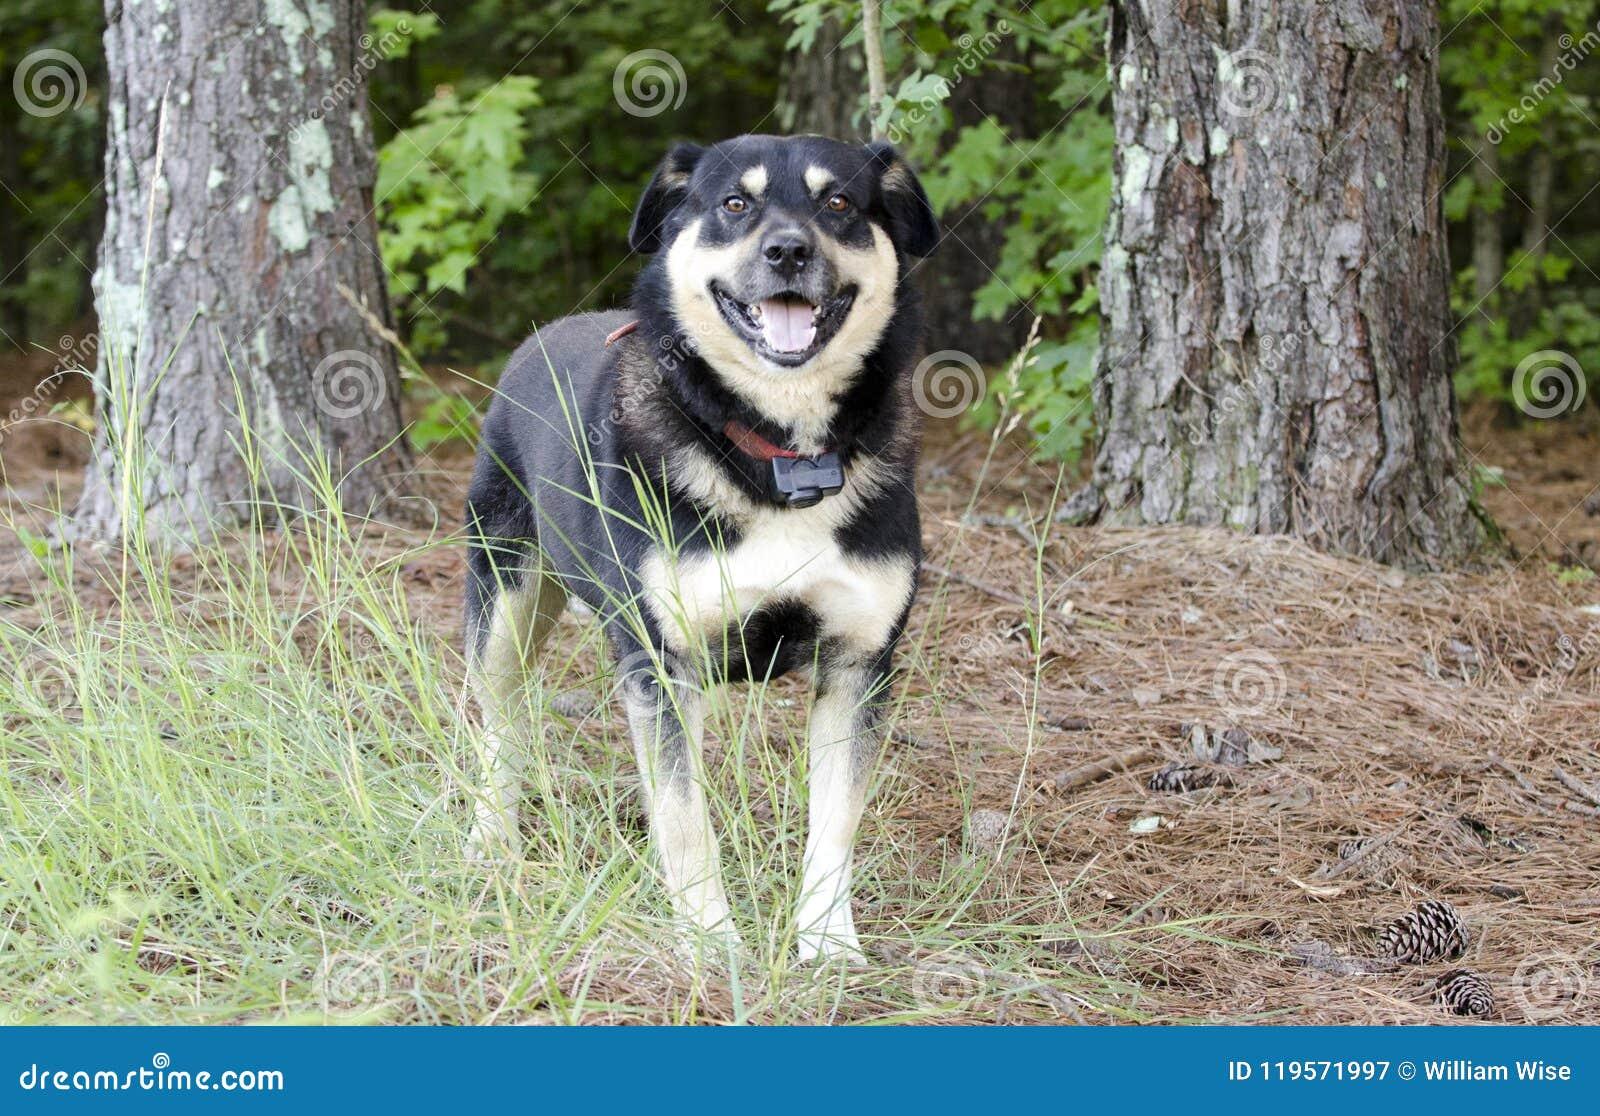 Conduca il cane misto della razza di Aussie Kelpie fuori sul guinzaglio rosso con il collare di scossa